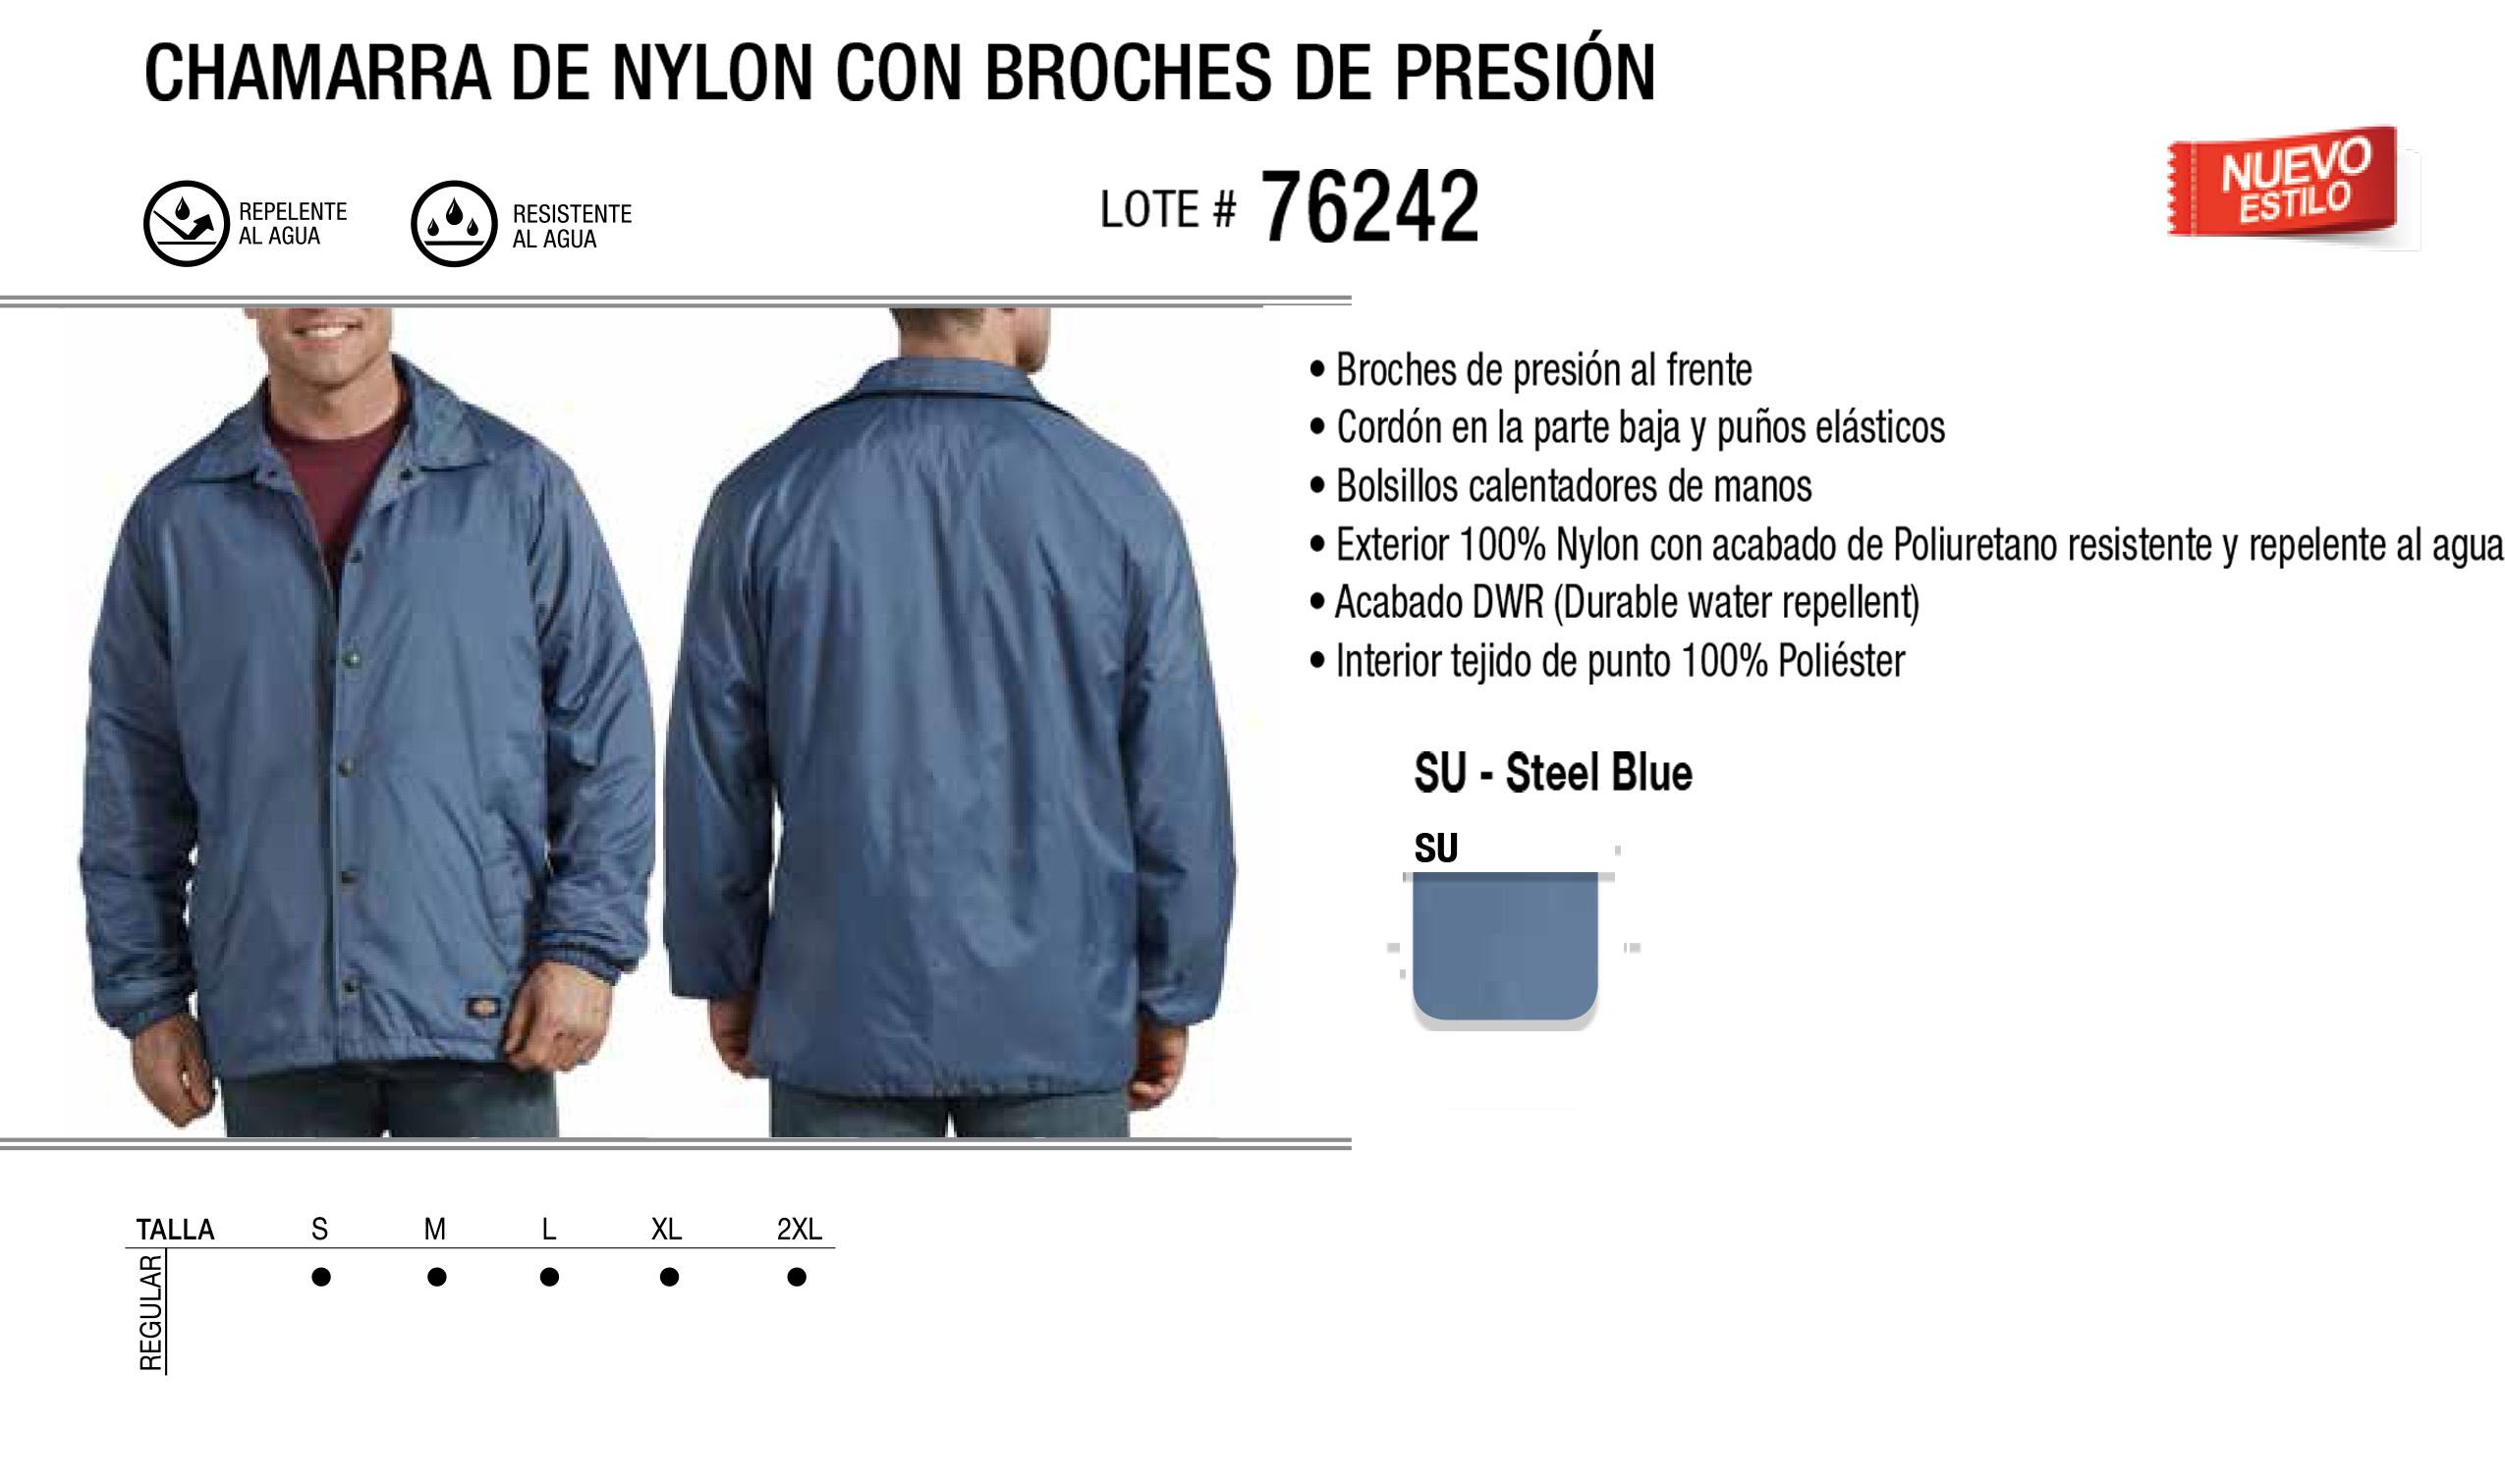 Chamarra de Nylon con Broches de Presión. 76242.